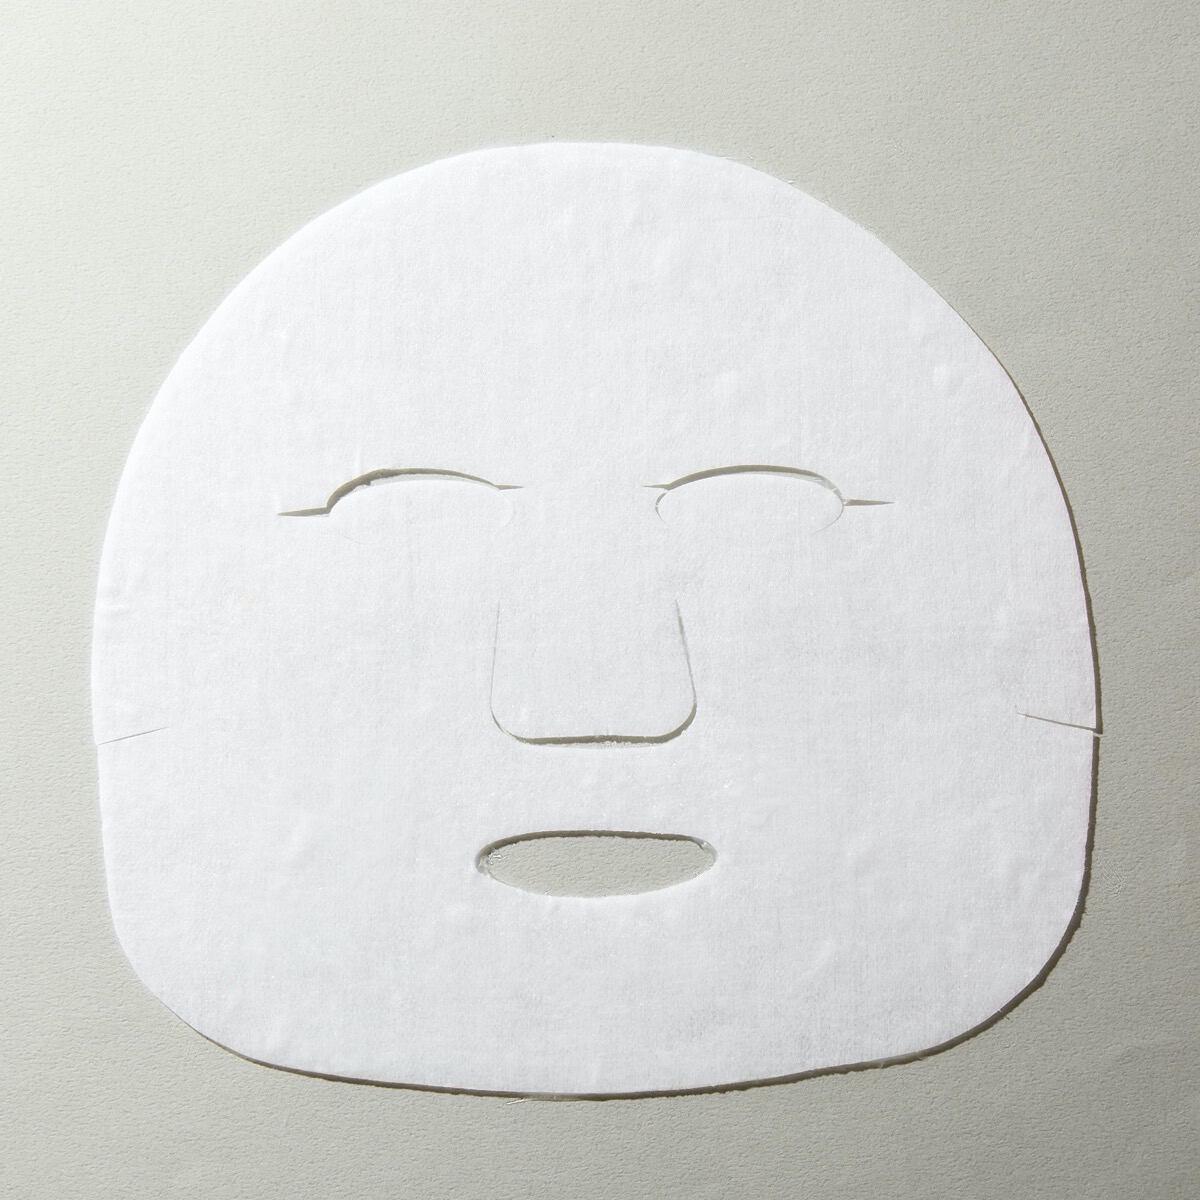 うるうる肌に導くQUALITY 1ST(クオリティファースト)『オールインワンシートマスク グランモイスト』をご紹介に関する画像4